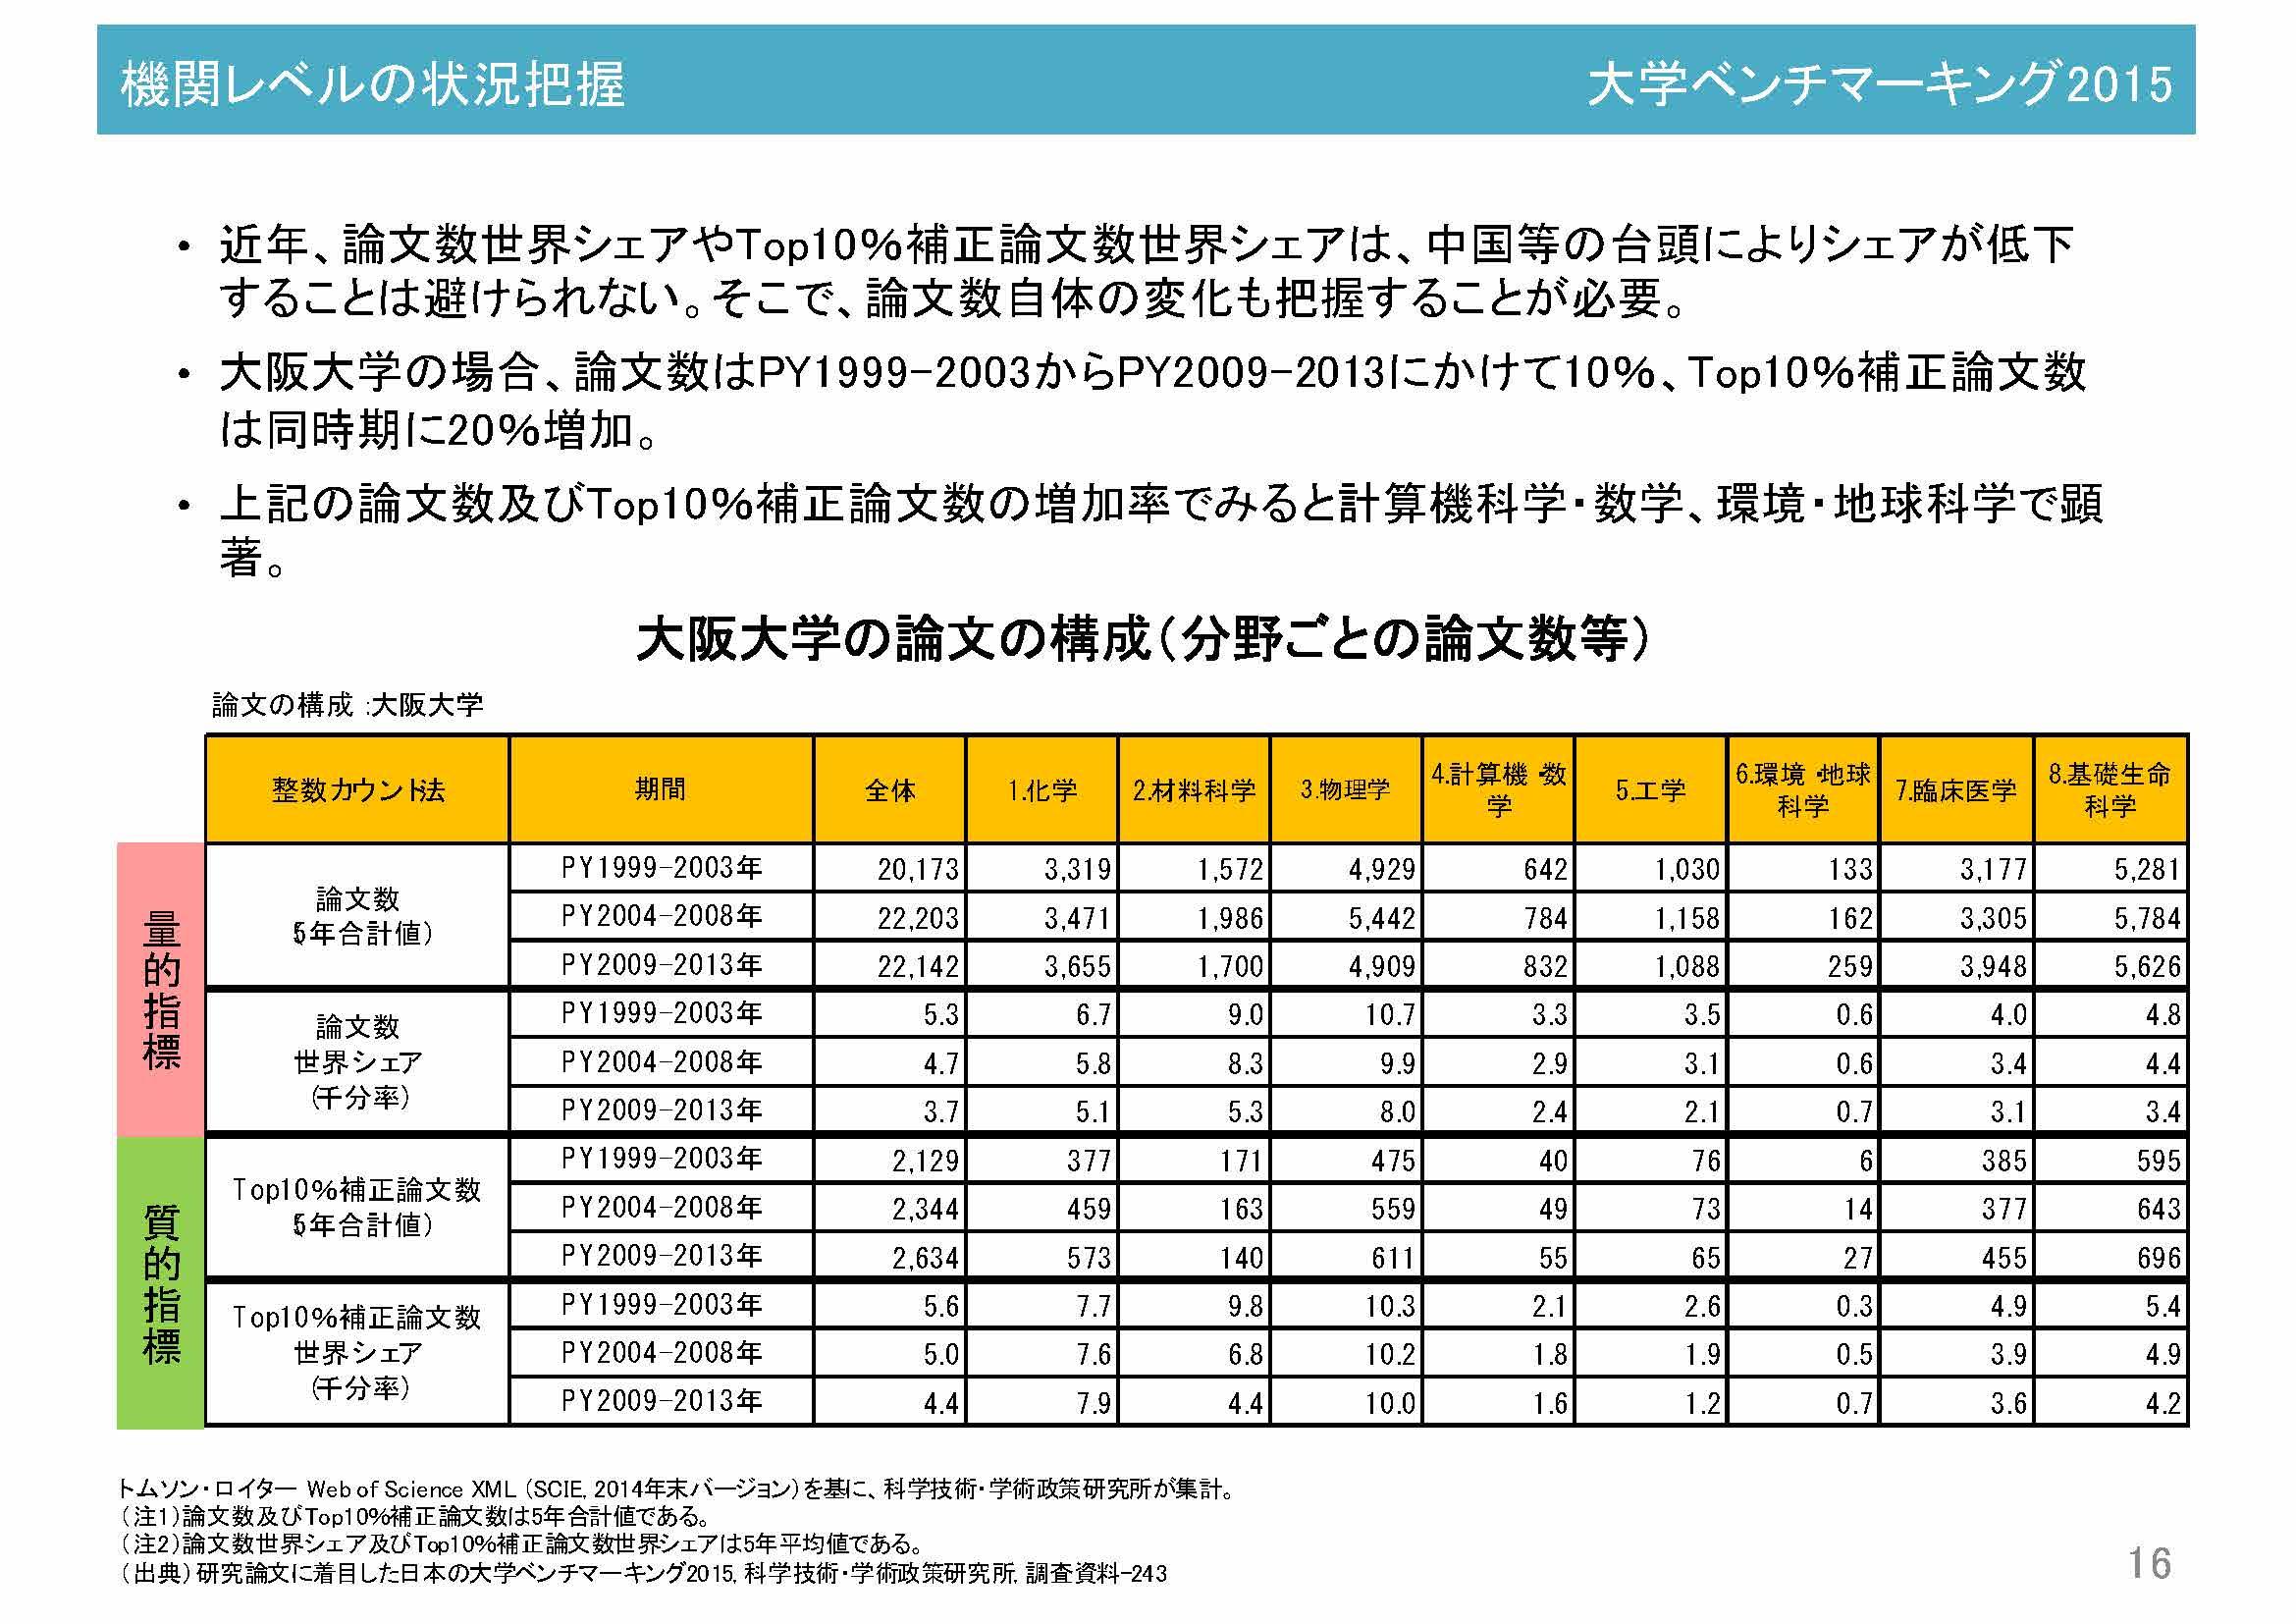 阪氏講演資料13